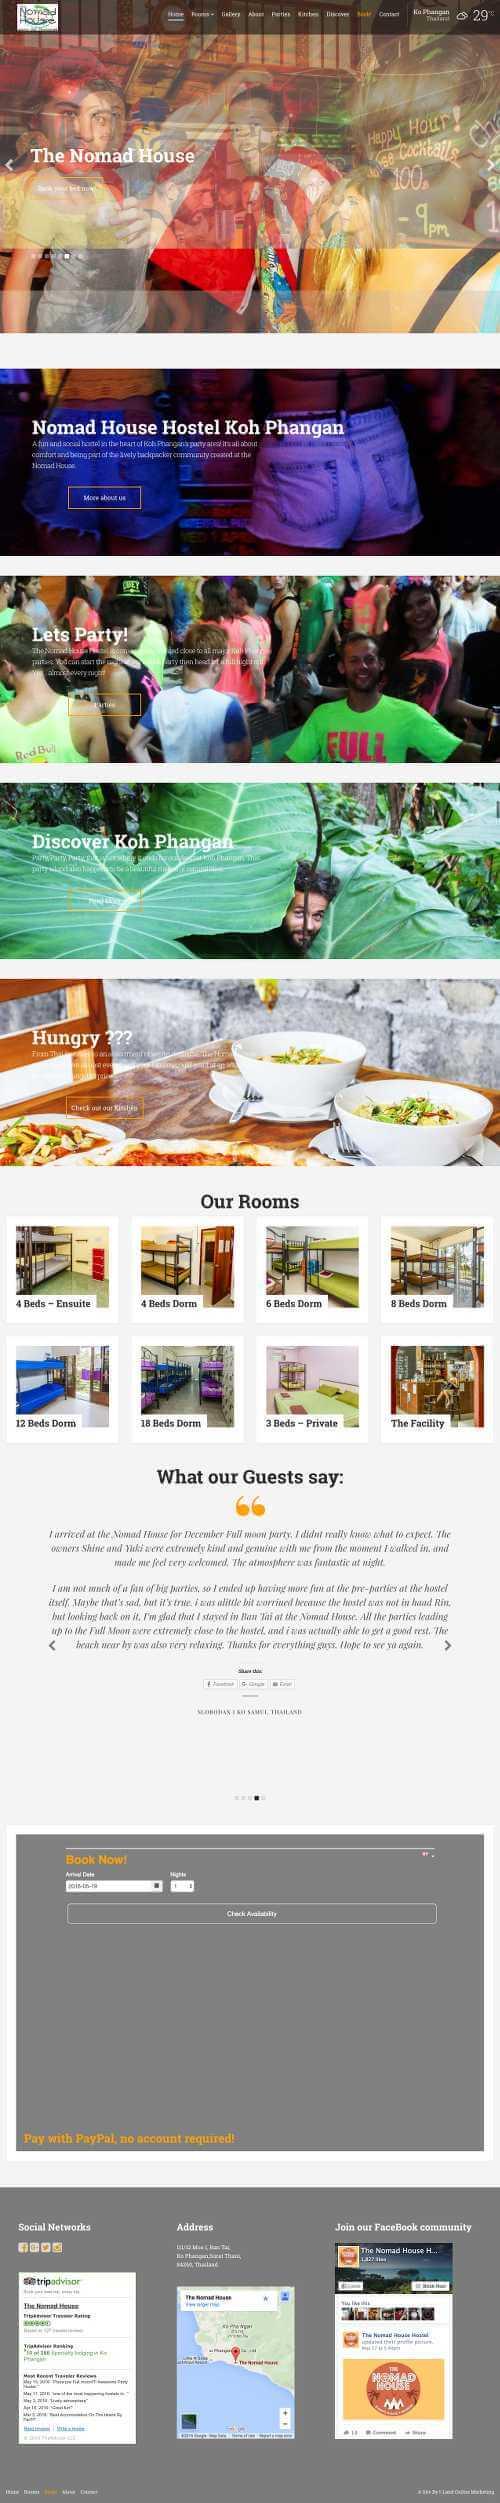 The Nomad House -i-land online marketing Web development thailand